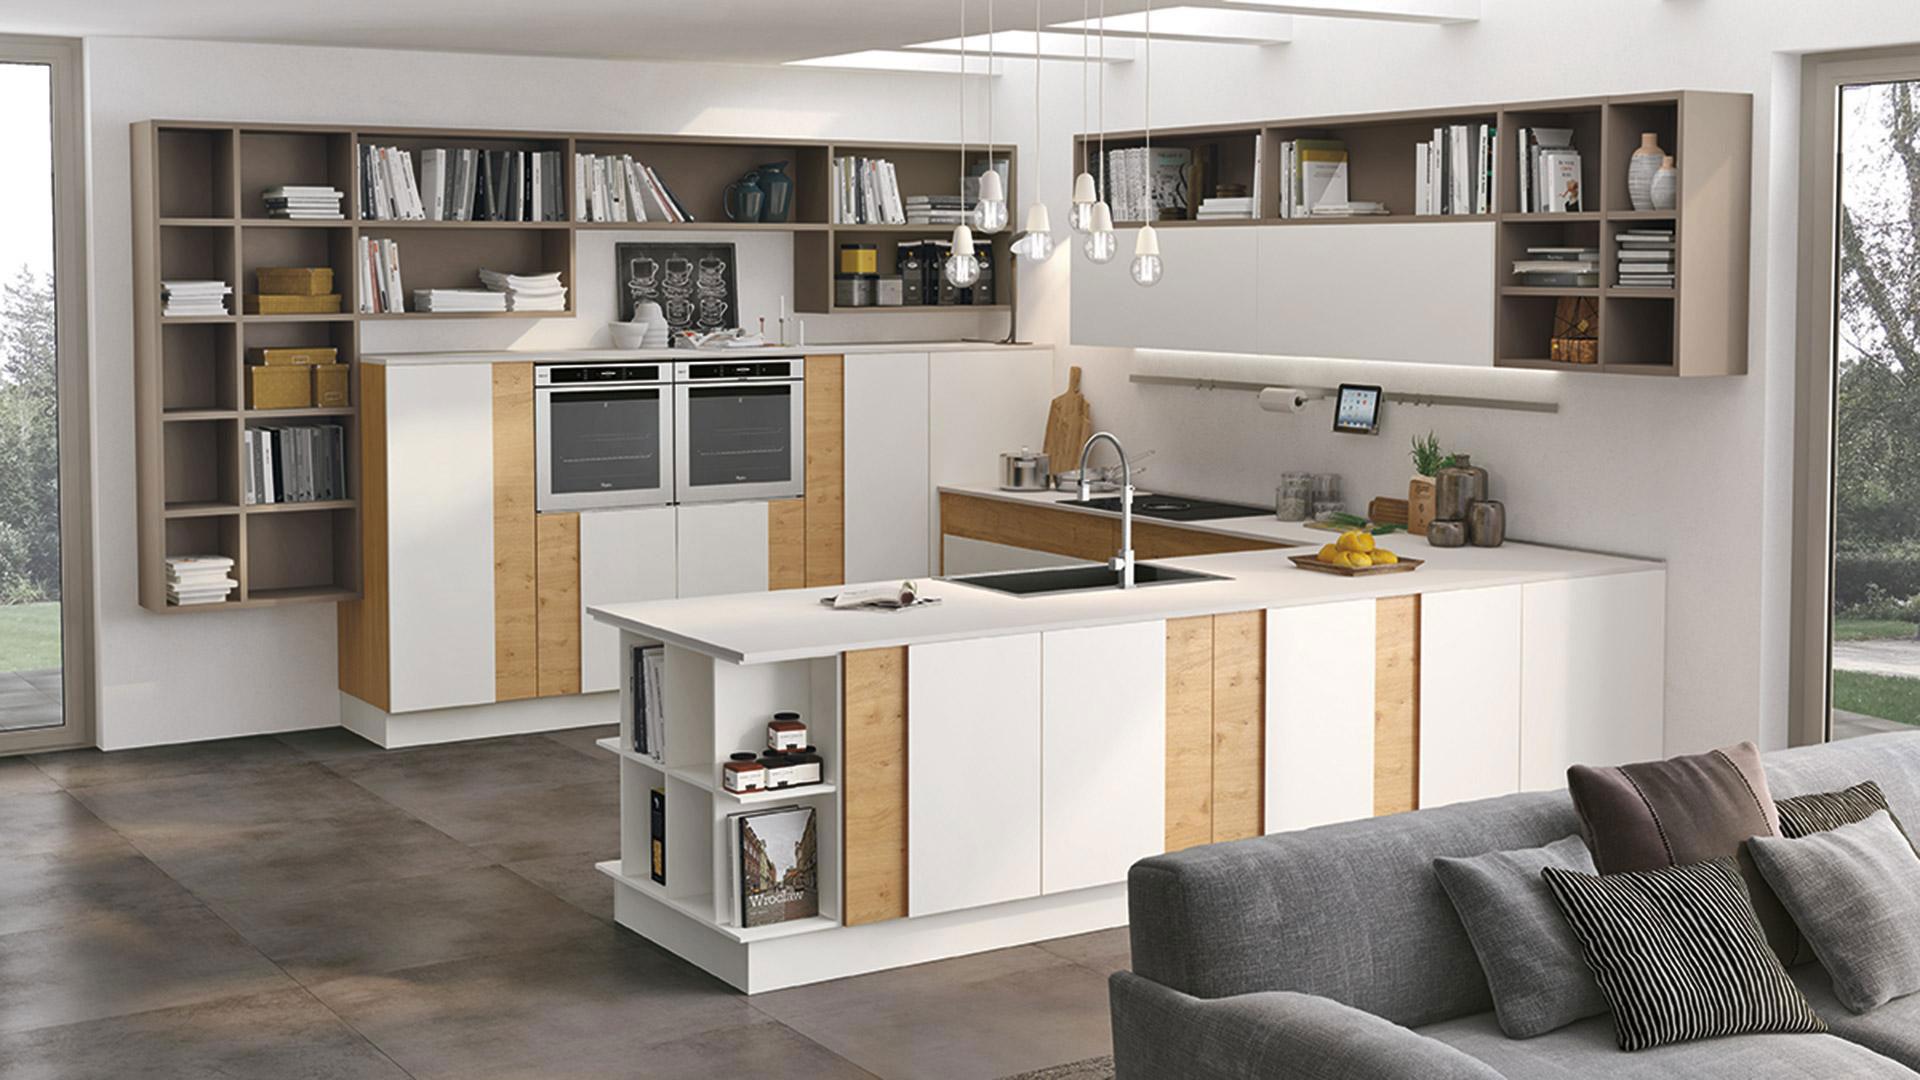 Cucine Lineari Moderne Economiche : Cucine moderne napoli free gallery of